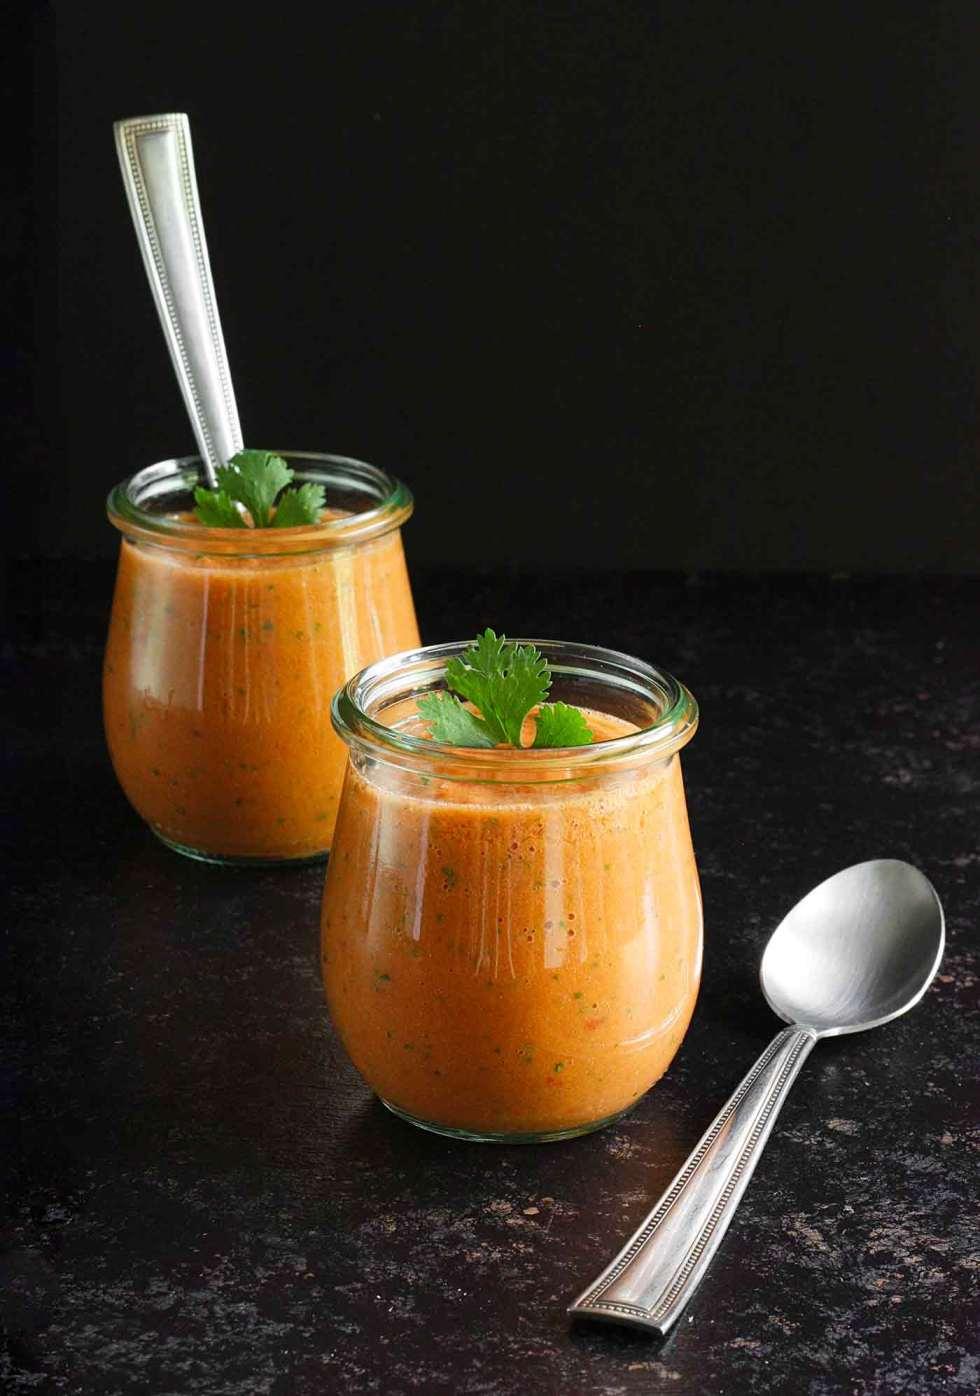 Guaczpacho in cute little jars